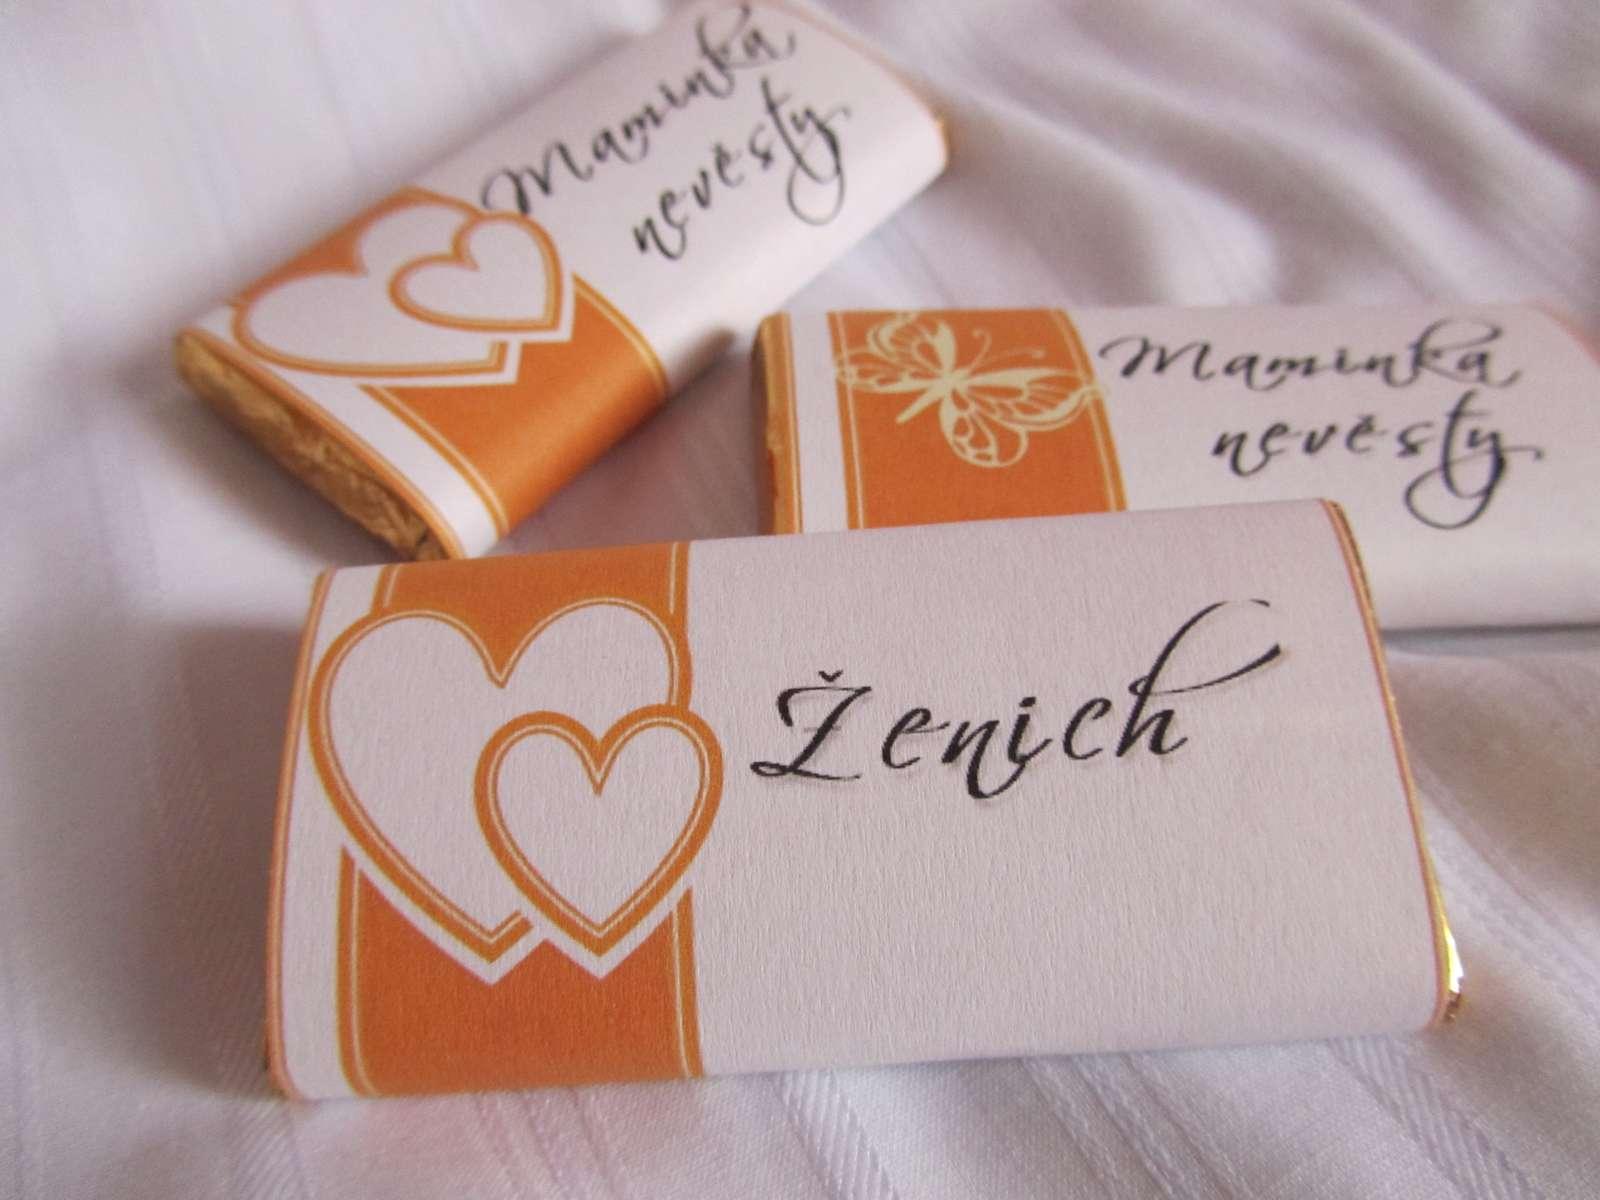 svatební čokoládové jmenovky na svatební stůl - Obrázek č. 3